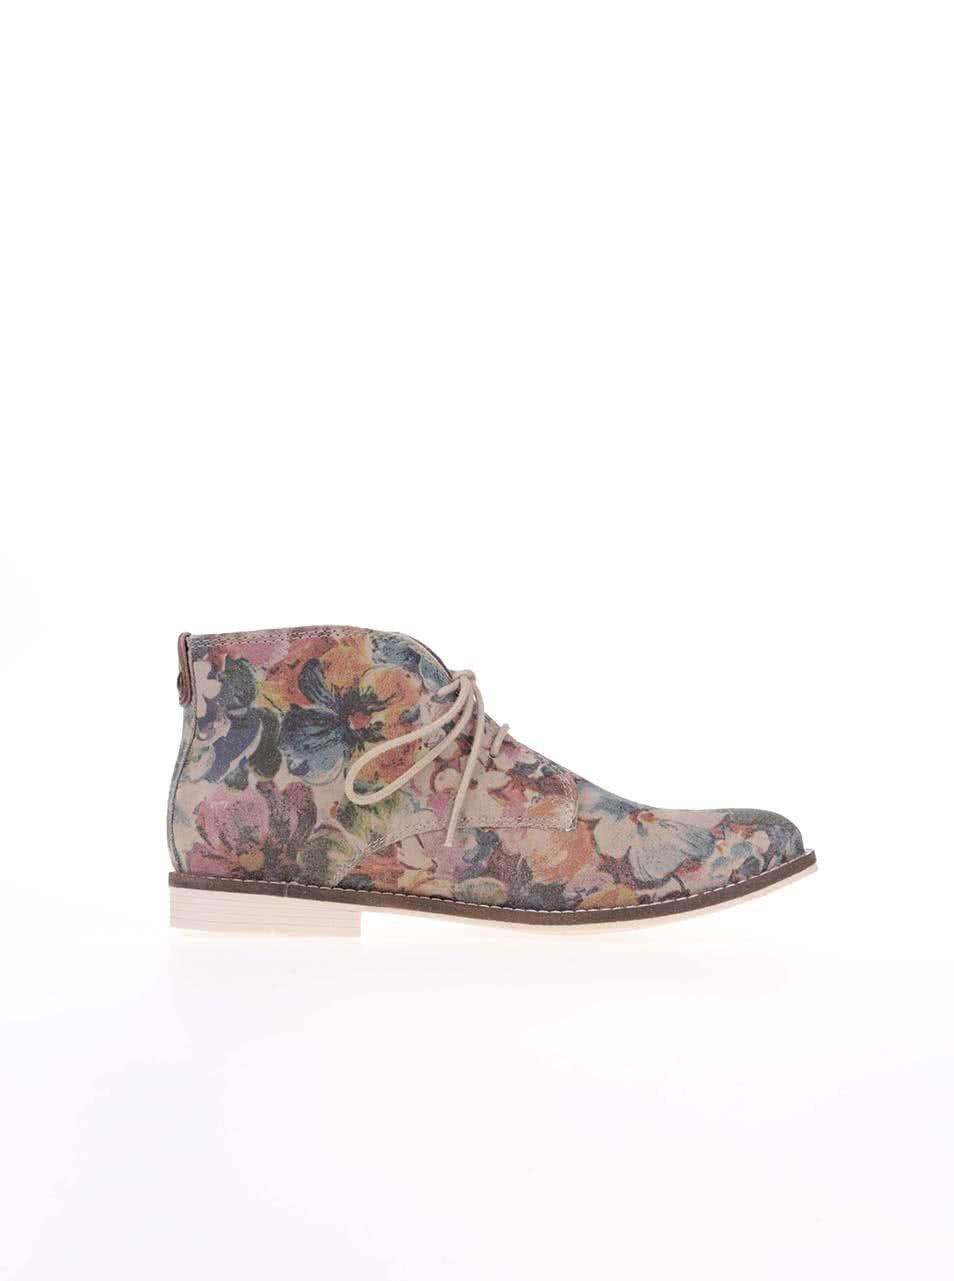 17131fda1b23 Farebné dámske kožené členkové topánky s kvetmi s.Oliver ...